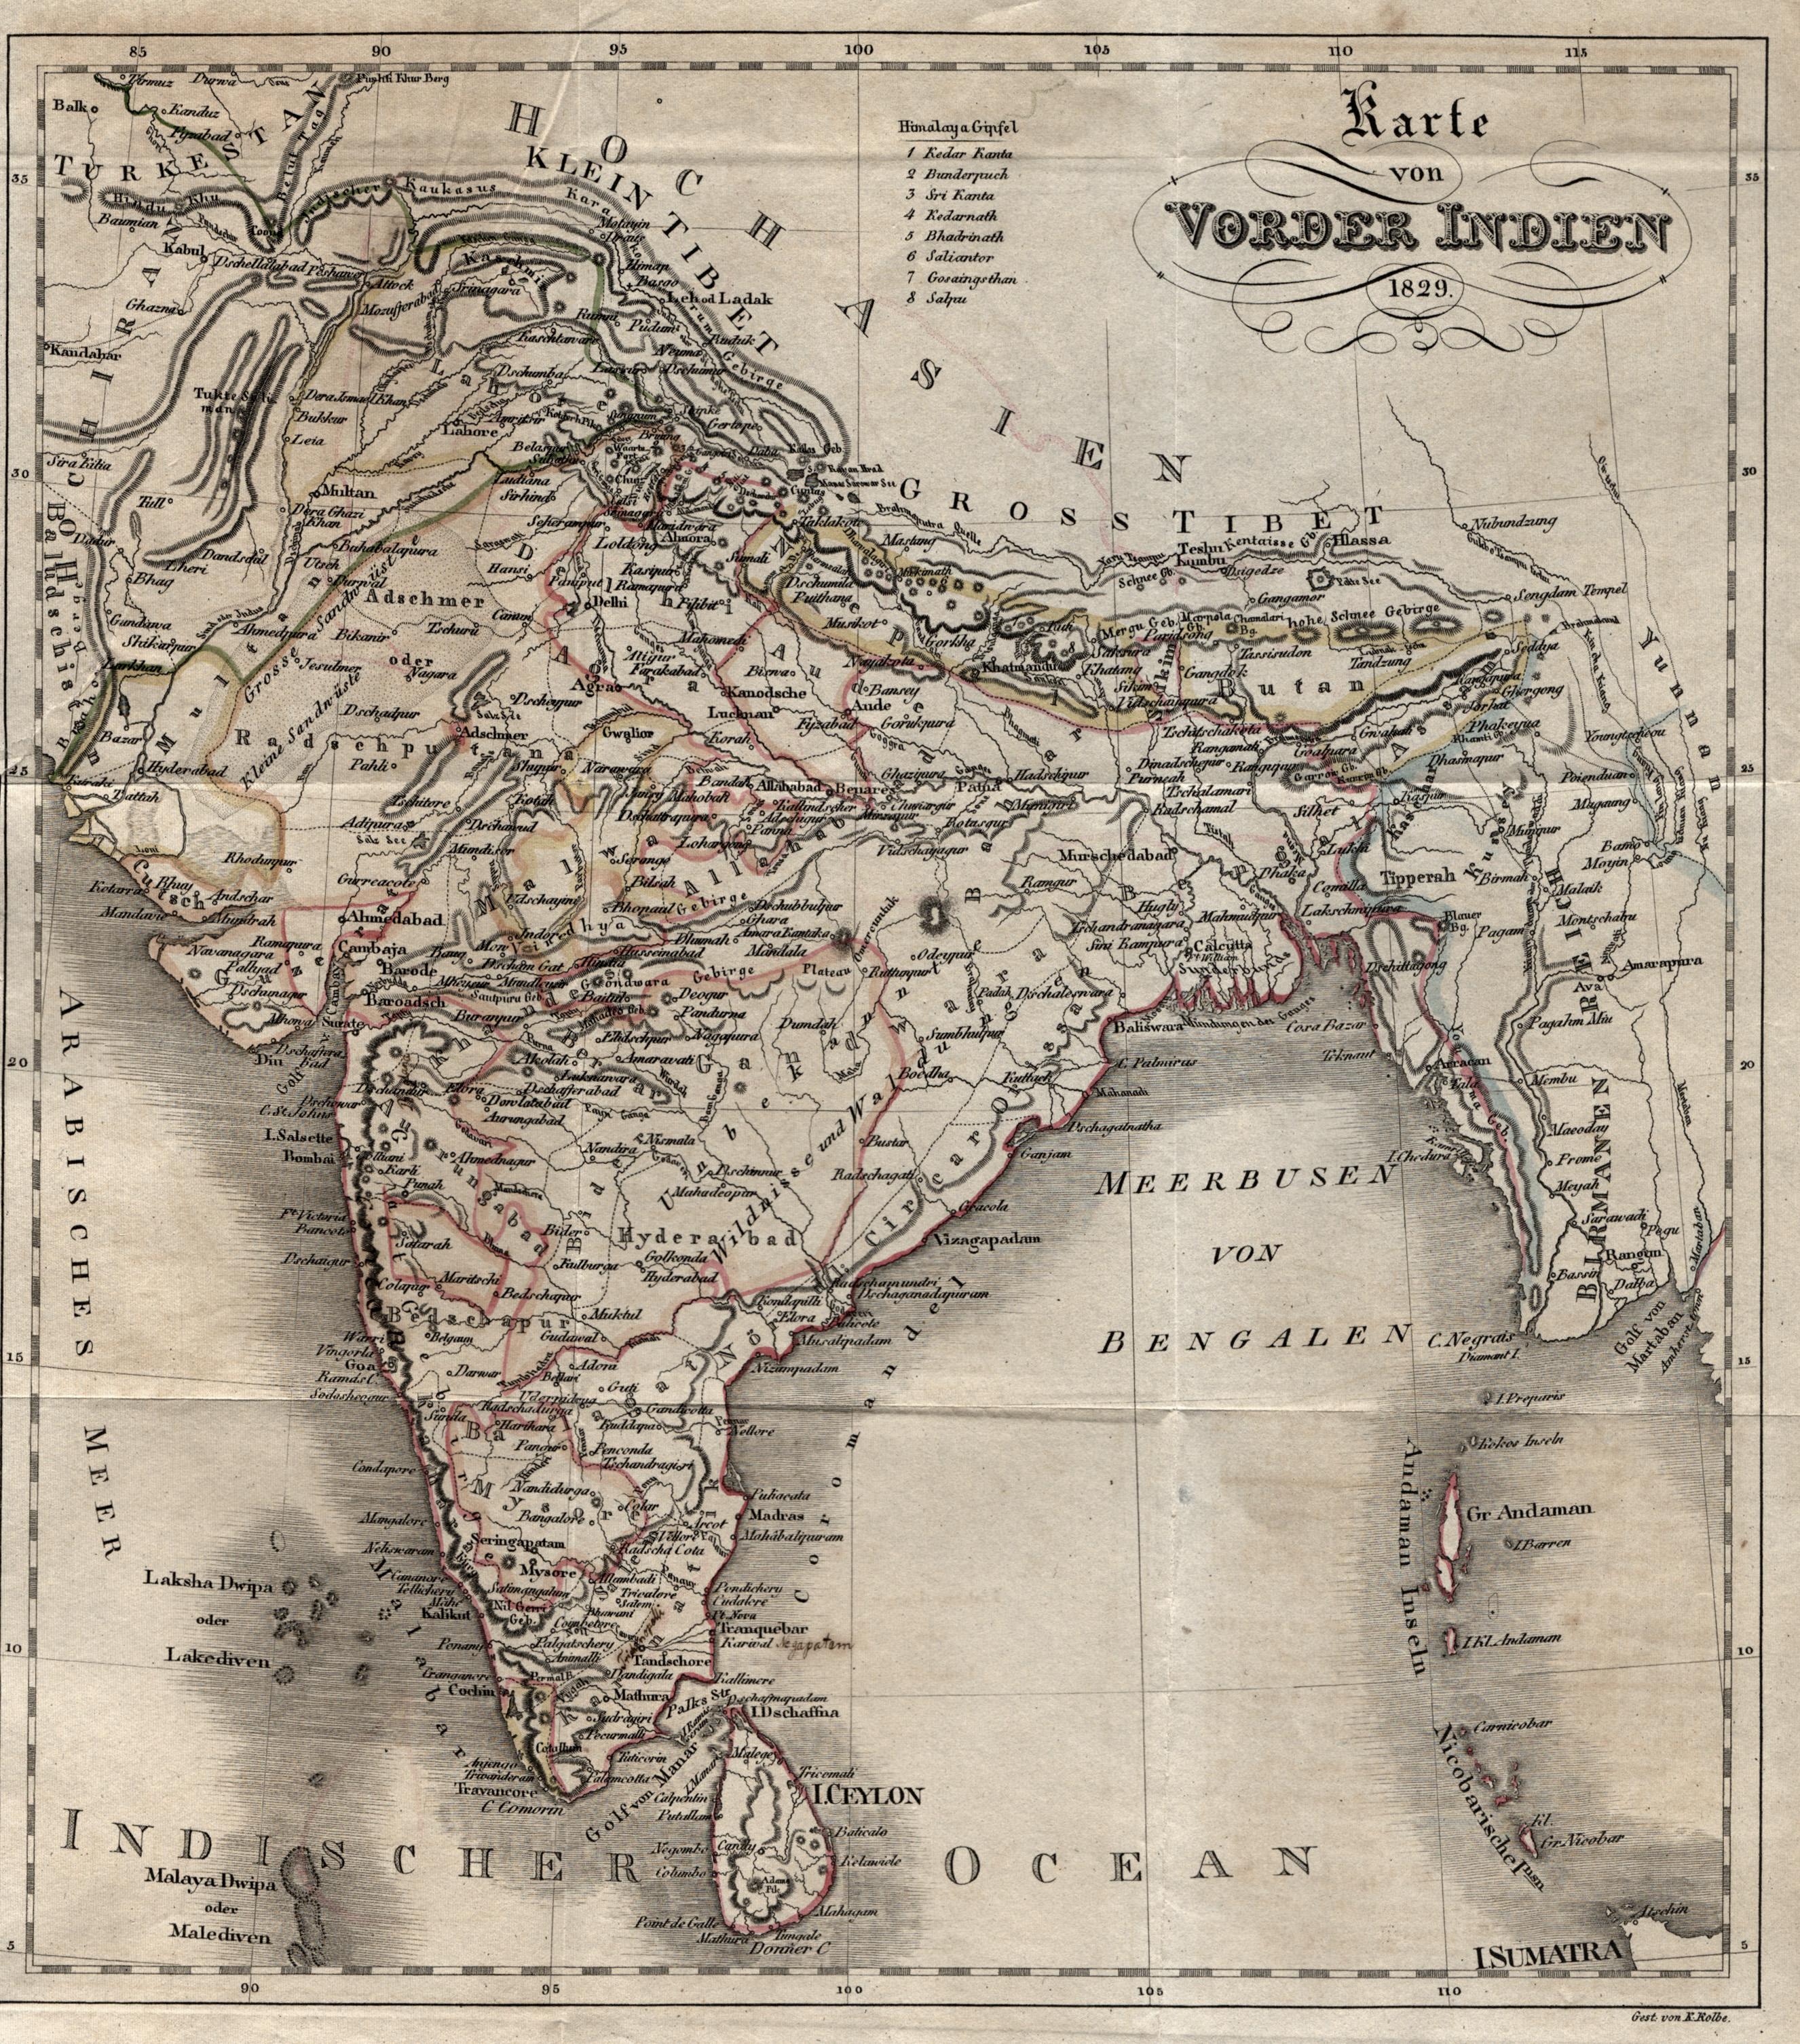 """Kst.- Karte, v. Kolbe, """"Karte von Vorder: Indien ( India"""